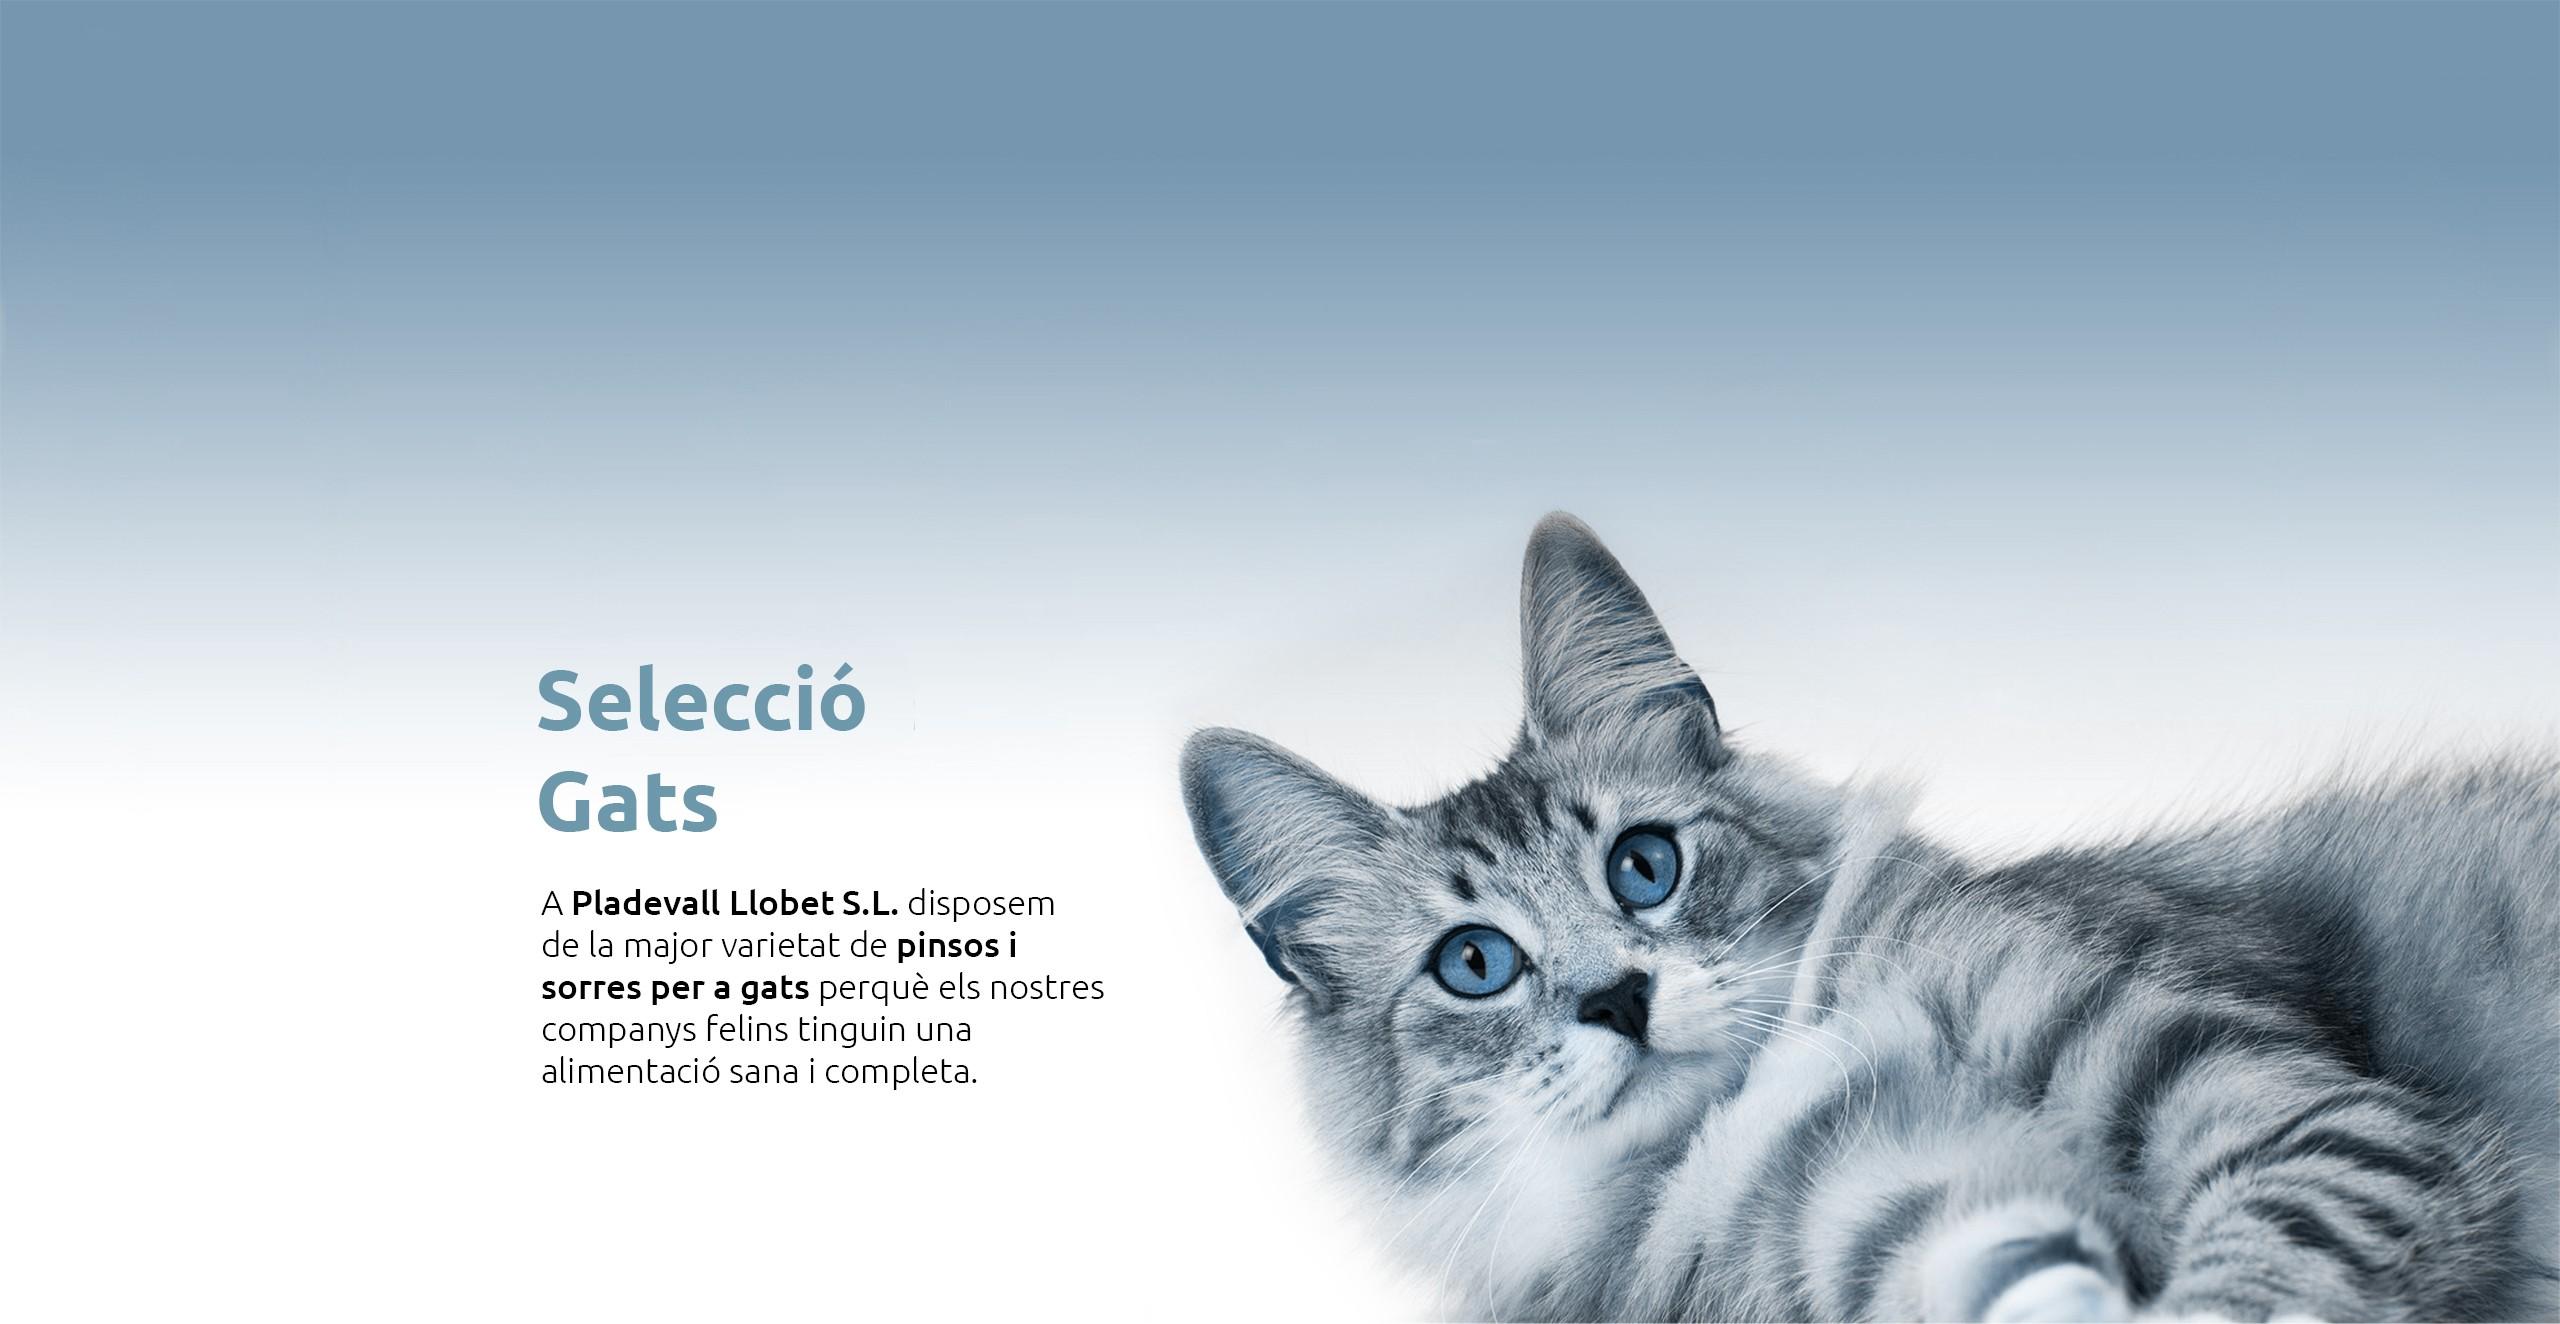 Selecció gats